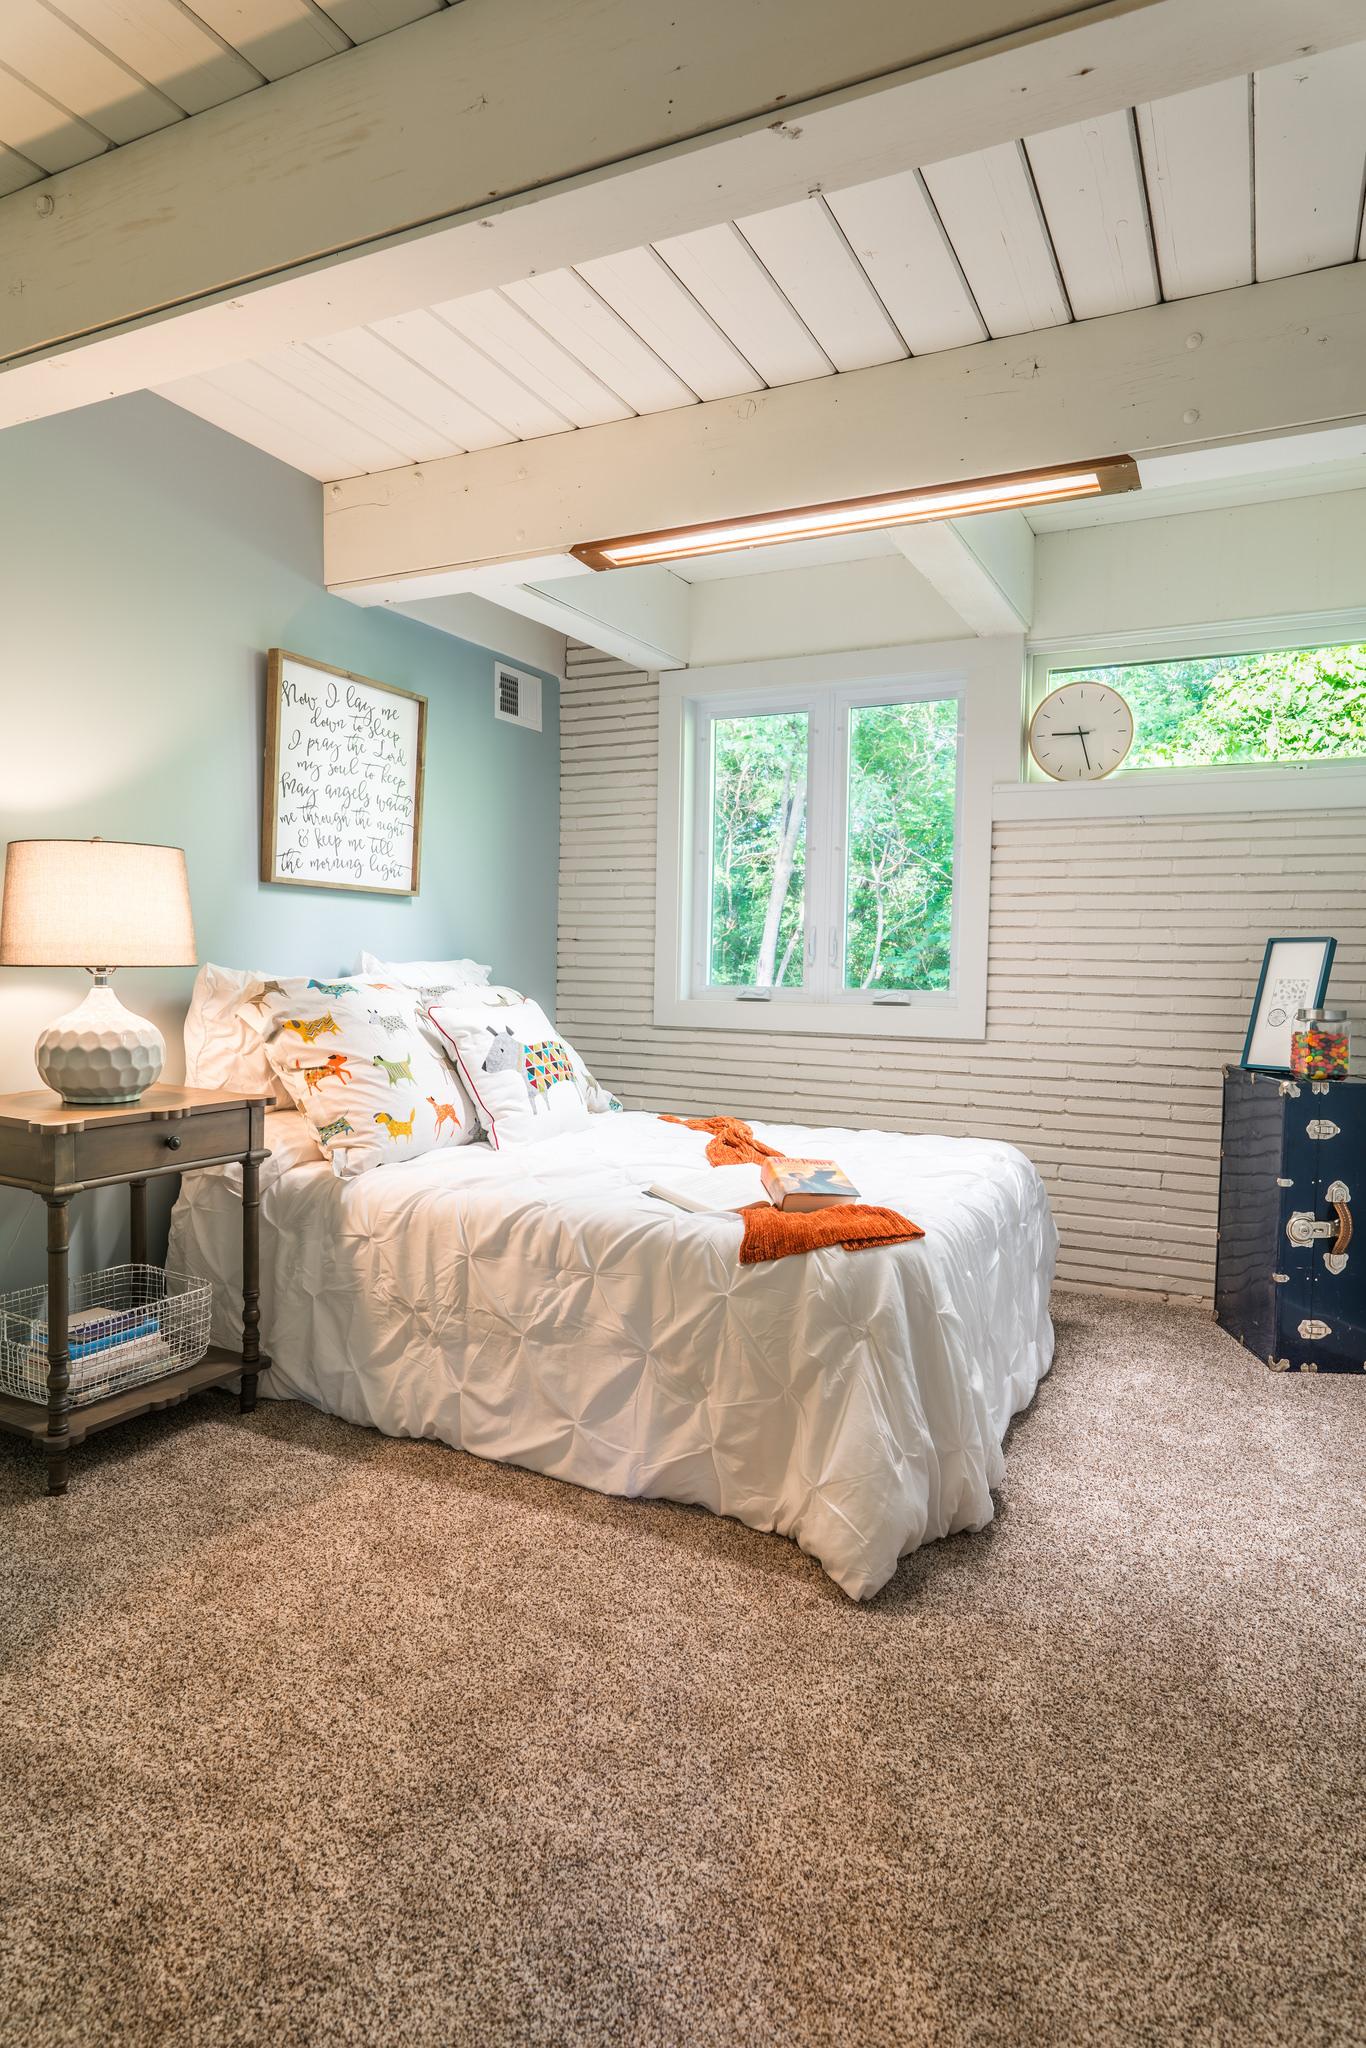 Kids' bedroom #2